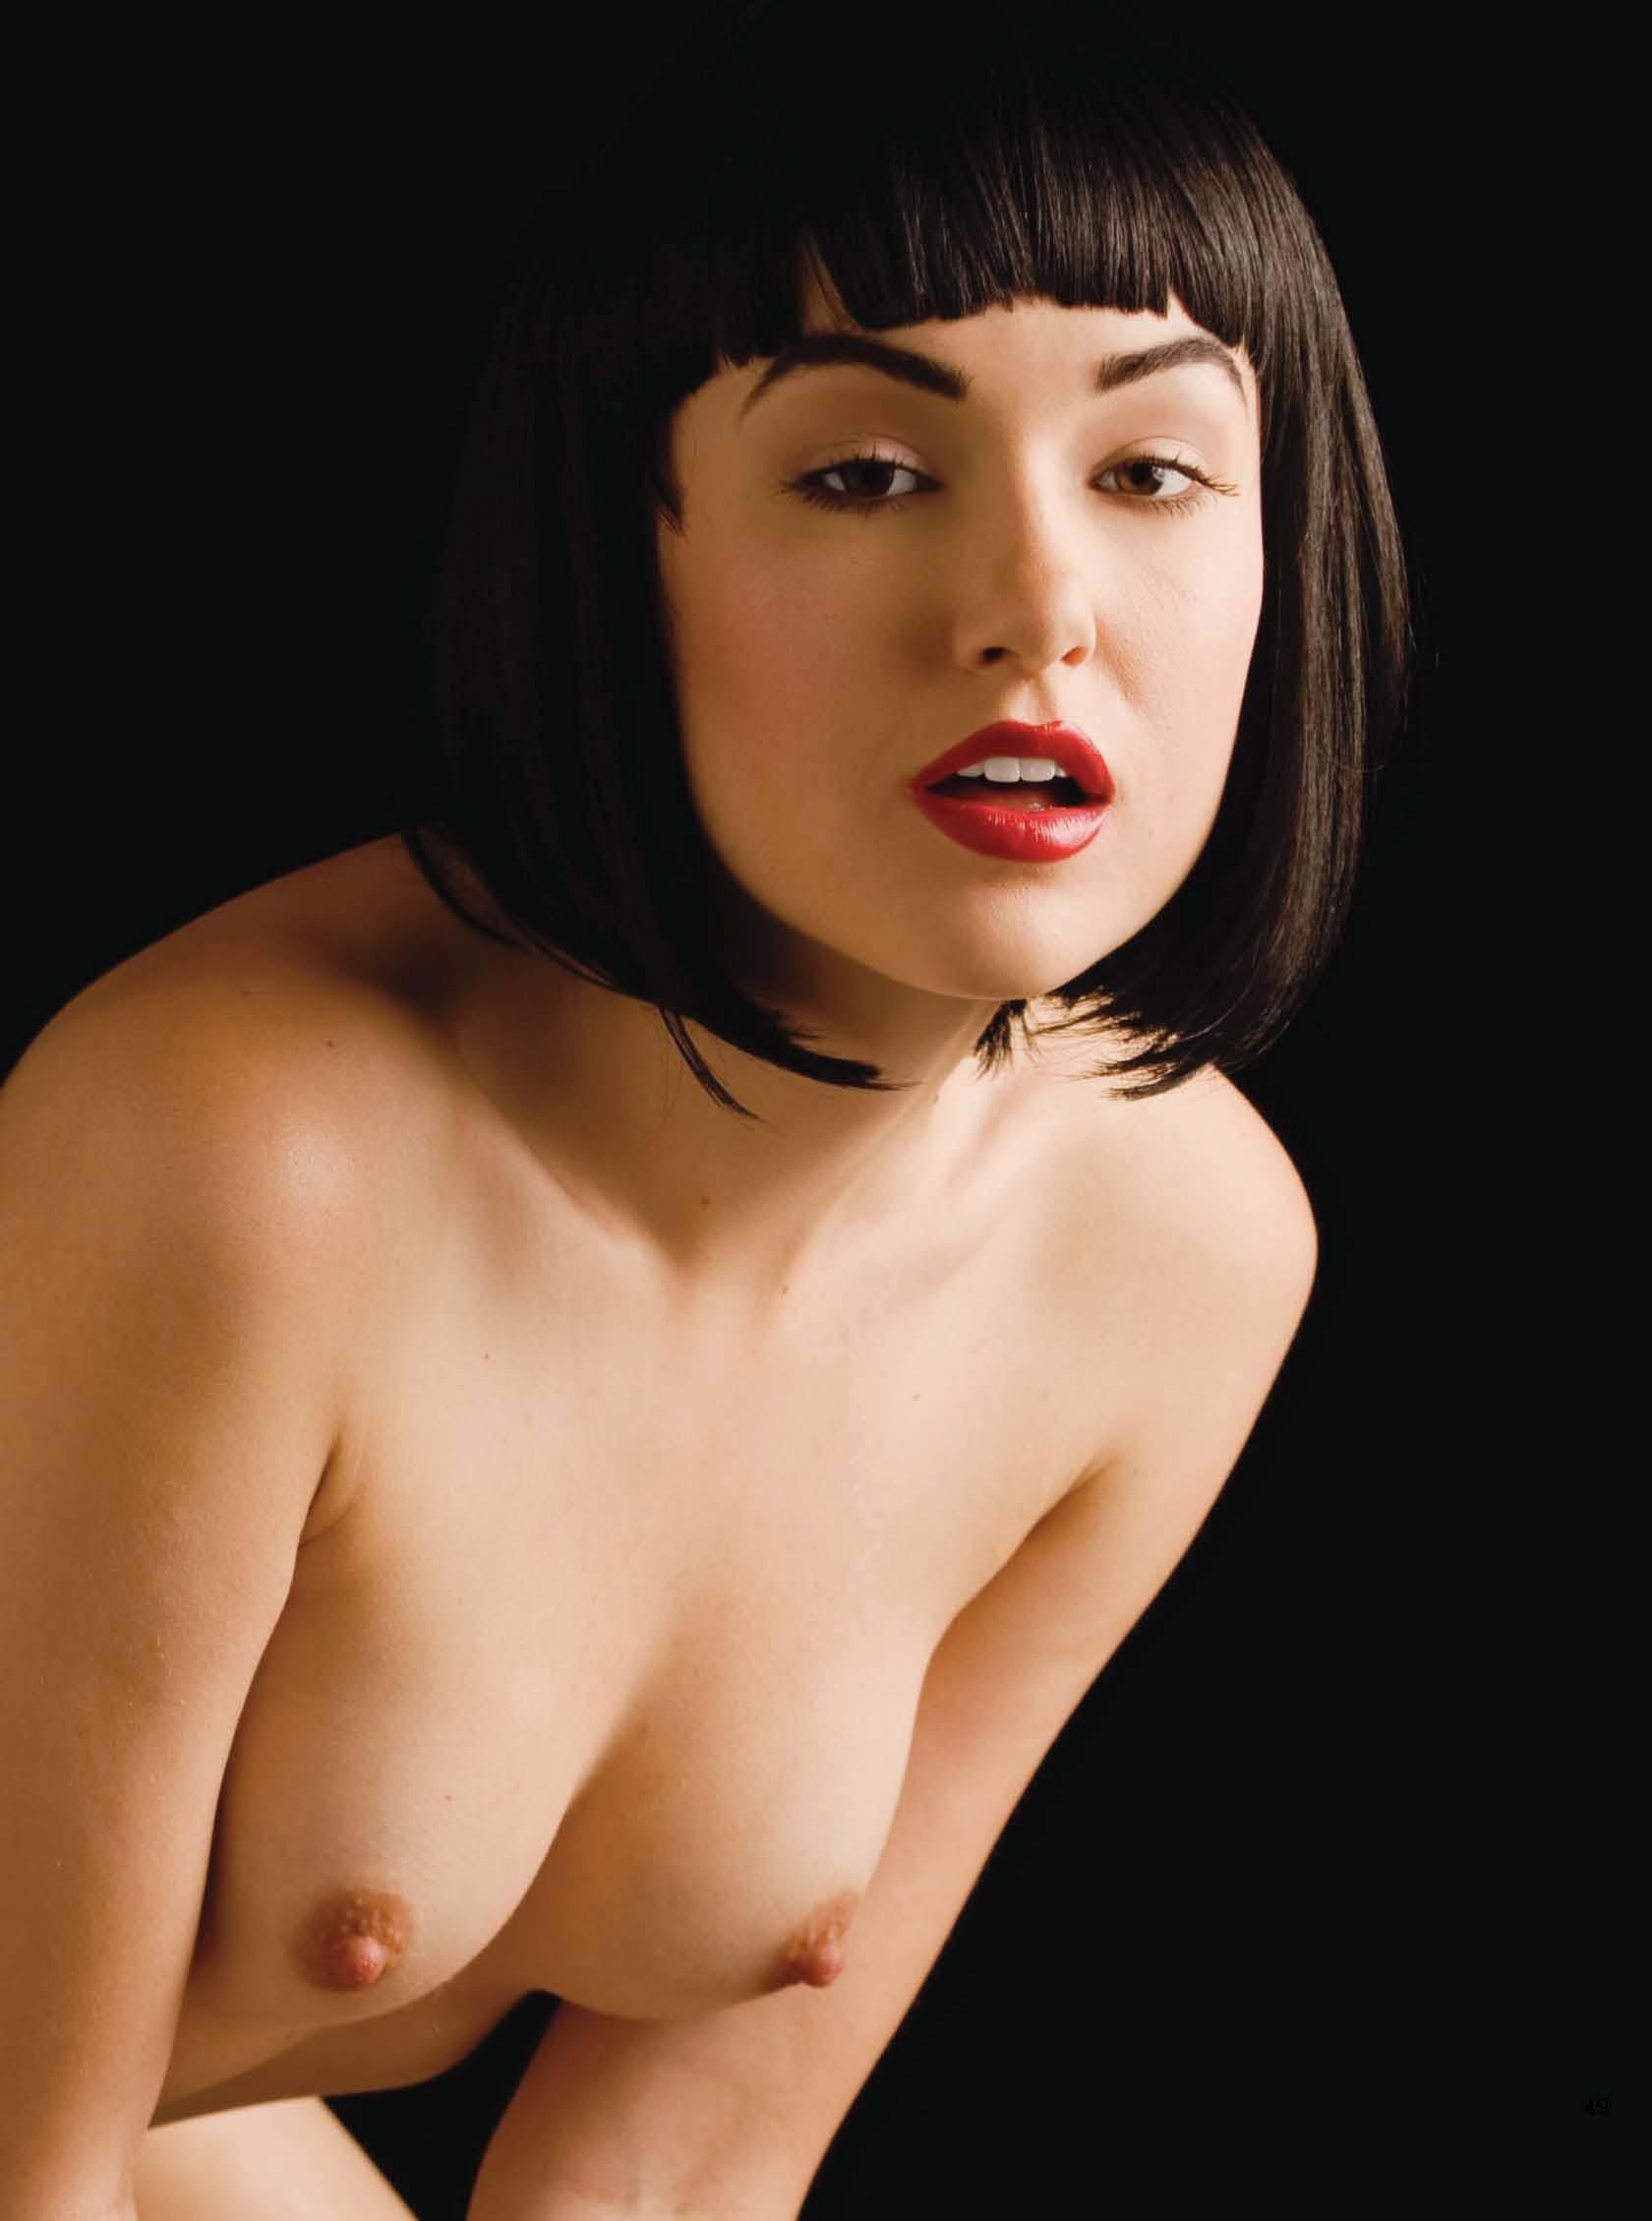 19616_septimiu29_SashaGrey_Playboy_Oct20103_123_216lo.jpg